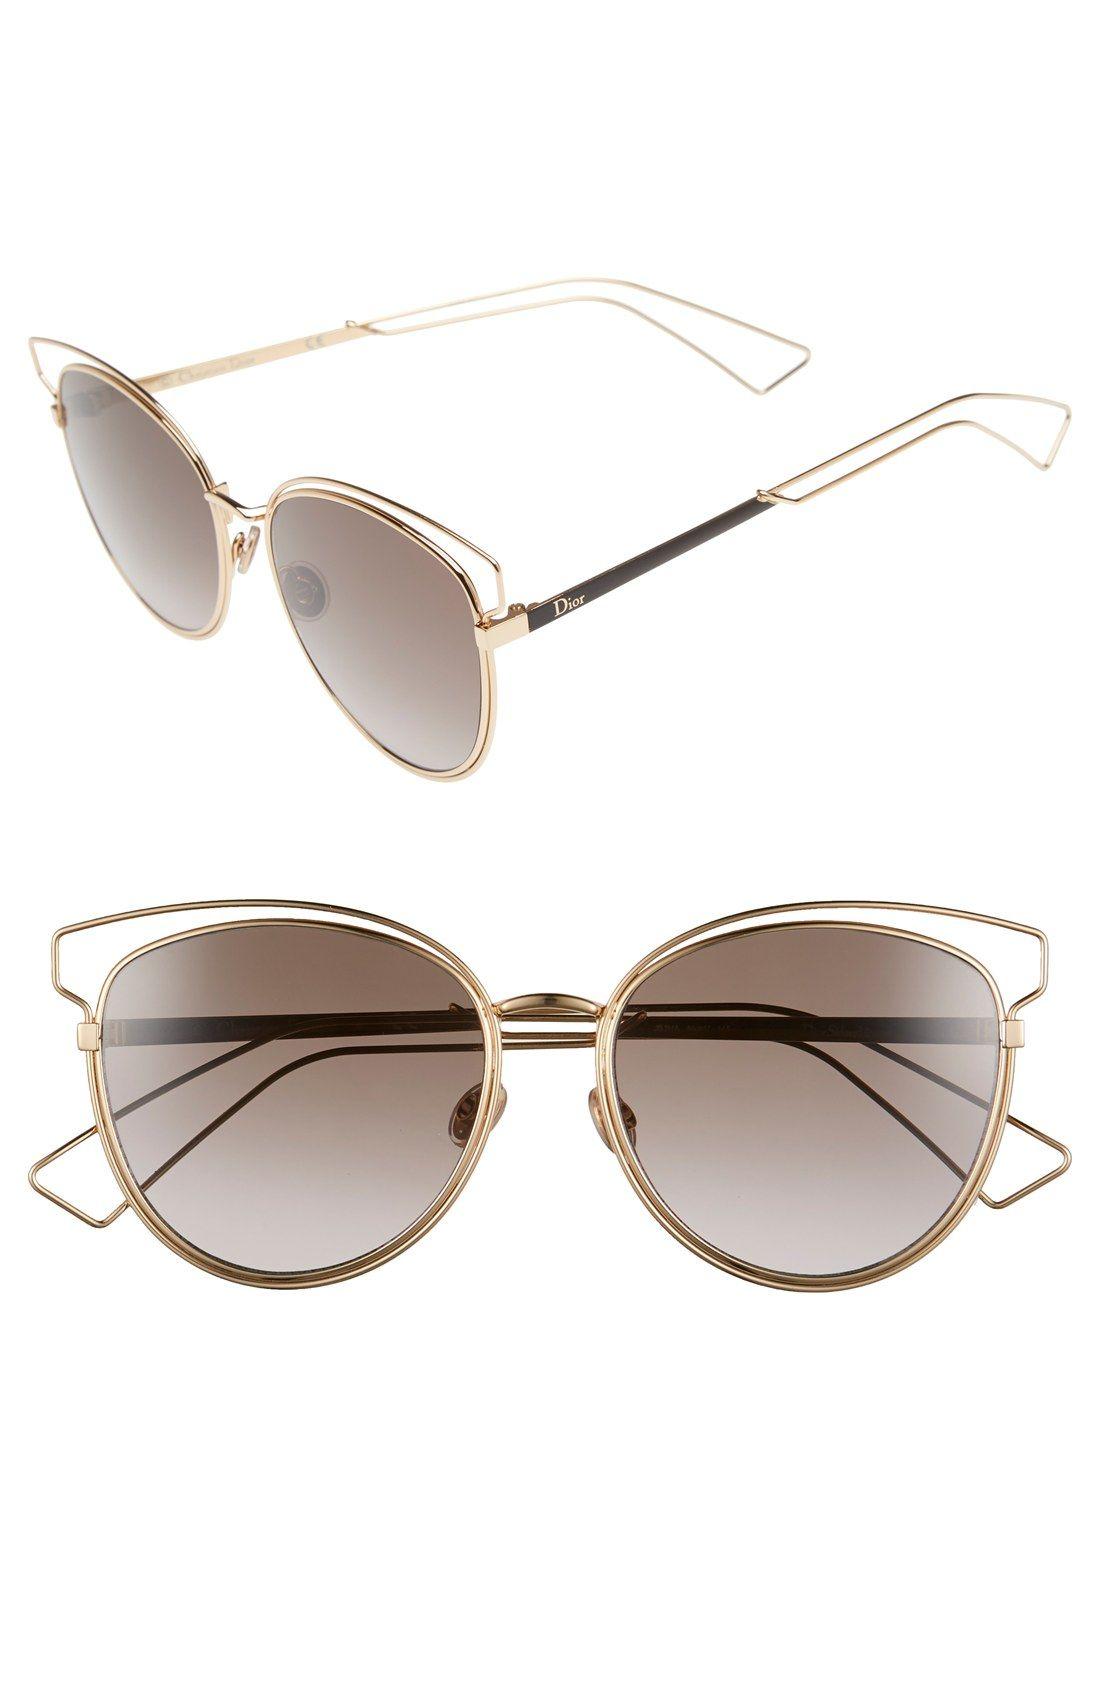 8f54998ced Dior 'Sideral' 56mm Sunglasses   Fashion----Love Love Love   Dior ...